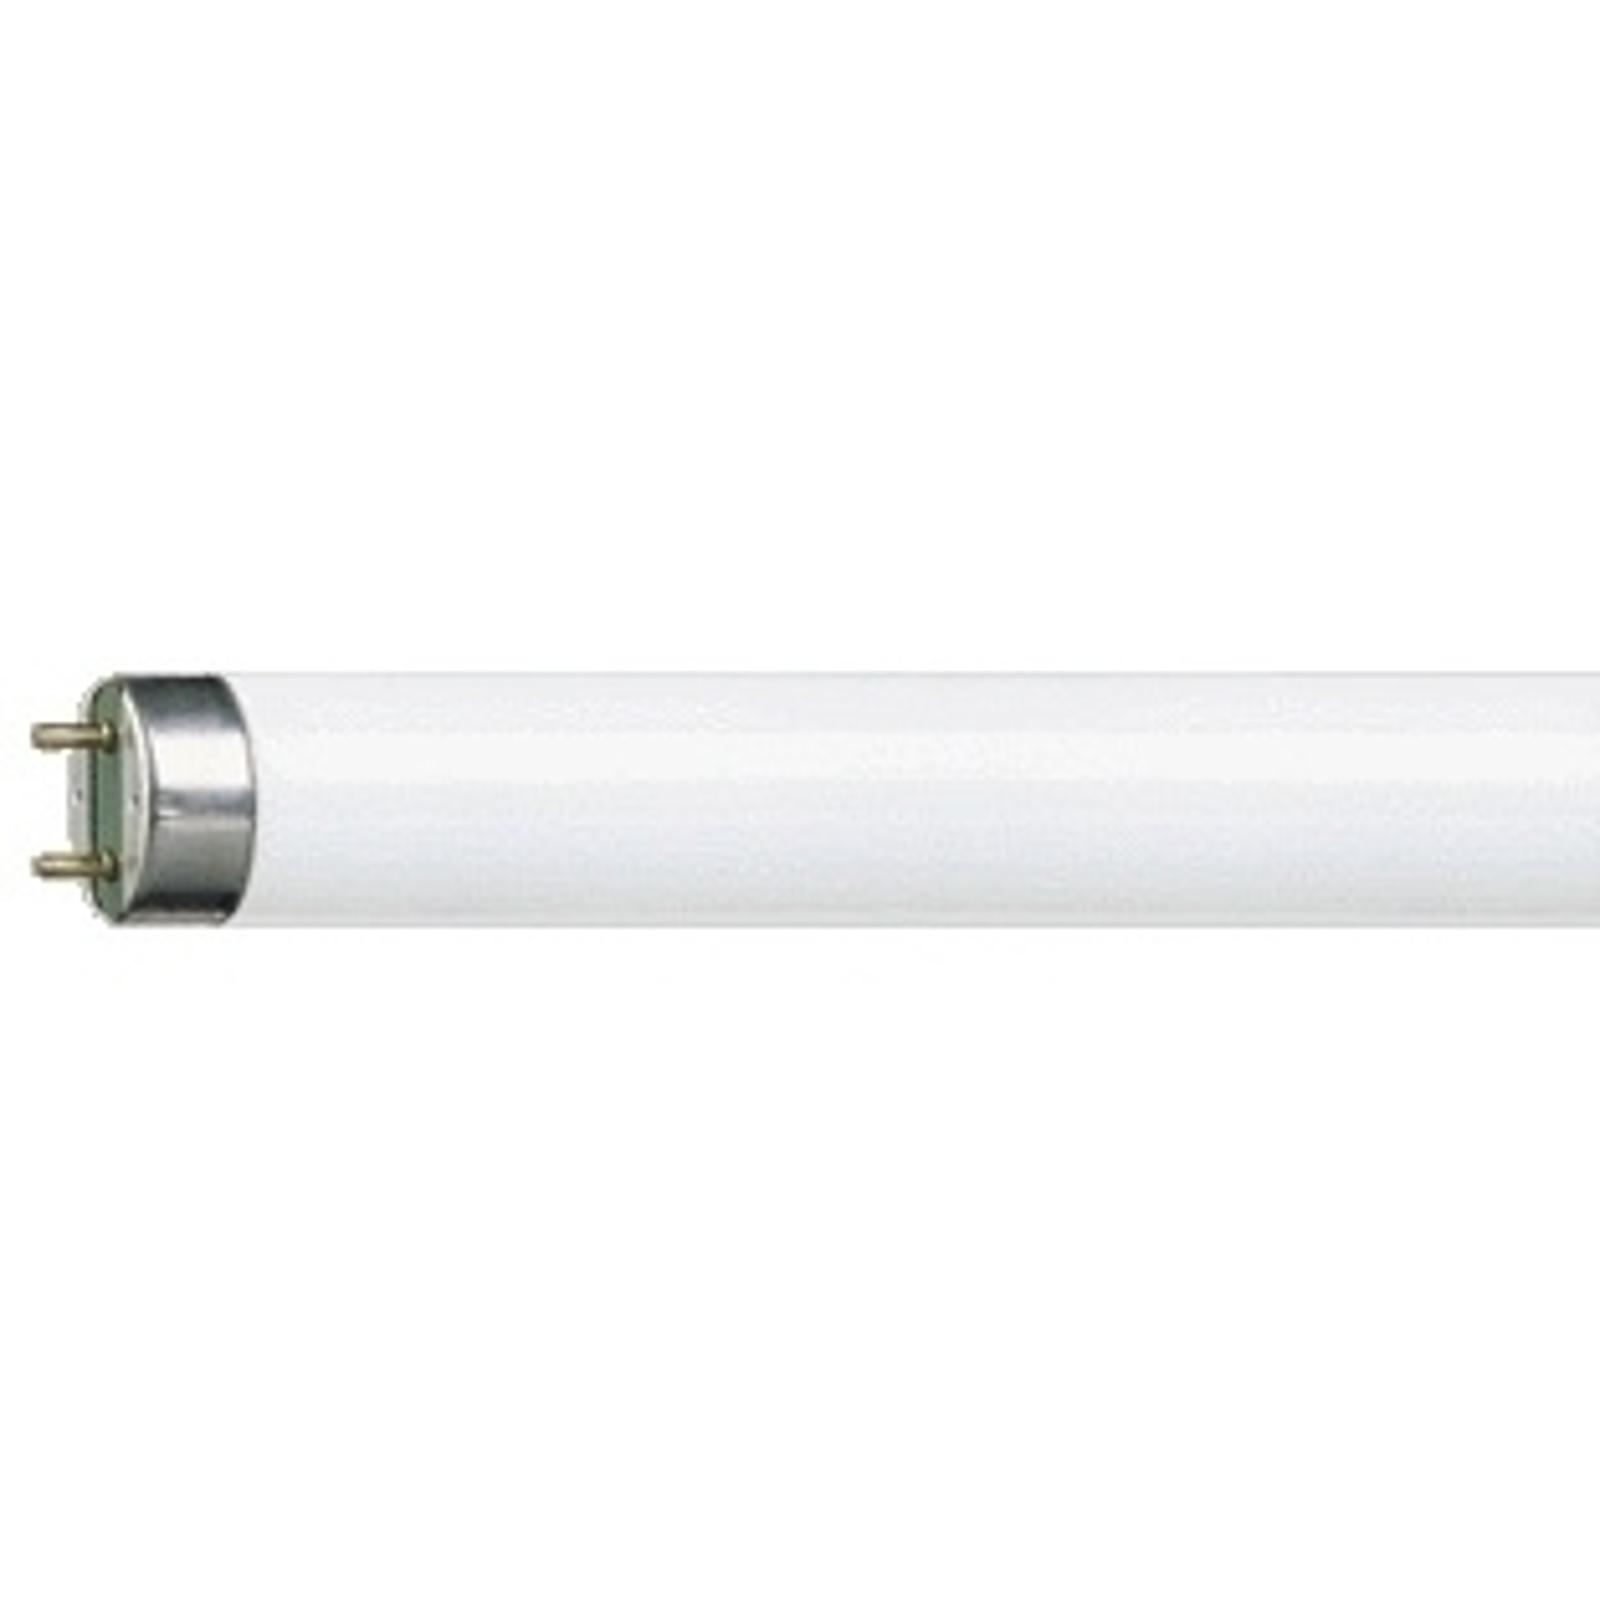 Leuchtstoffröhre G13 T8 30W MASTER TL-D Super 830